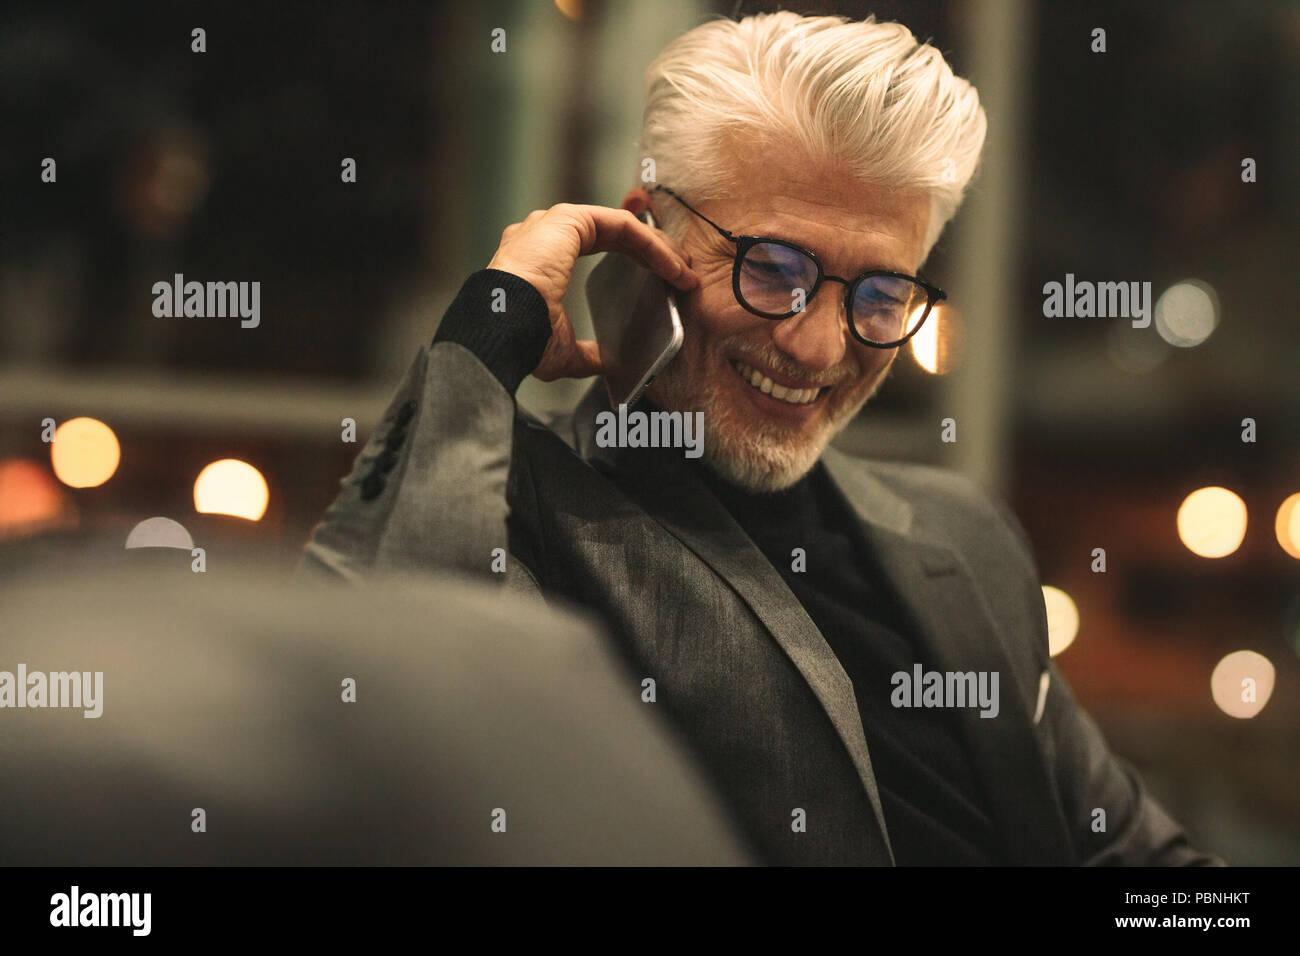 Maduros ejecutivos de negocios, hacer una llamada de teléfono y sonriente. Hombre caucásico con anteojos hablando por teléfono móvil en la oficina. Imagen De Stock